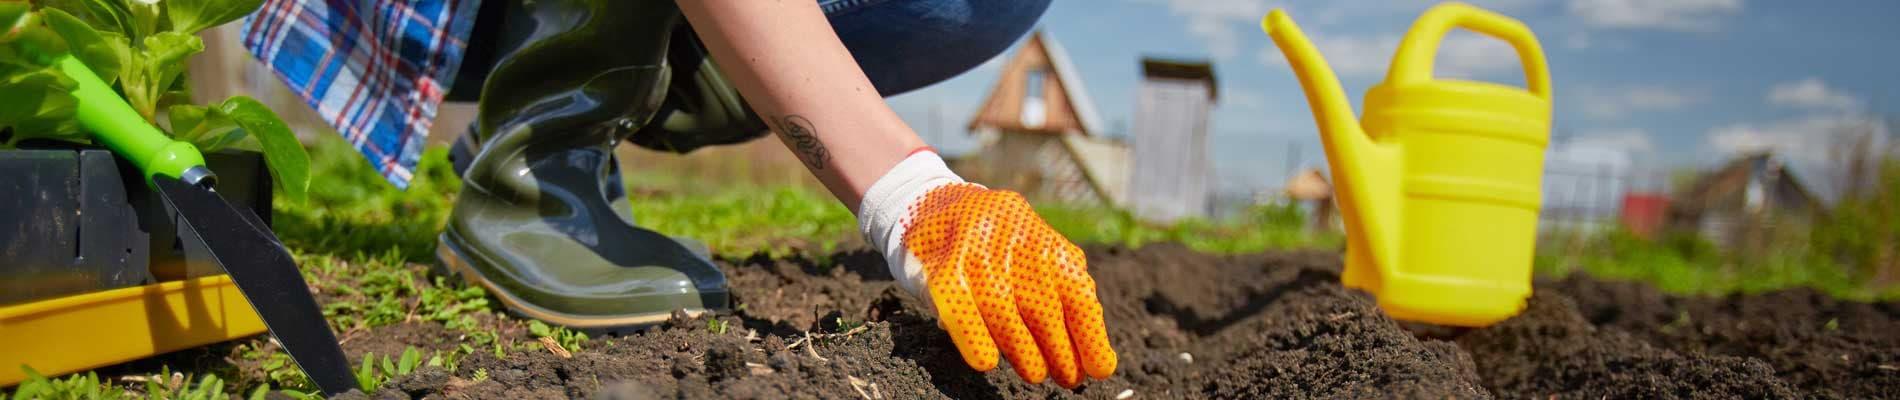 Agricoltura, giardinaggio e mineralogia